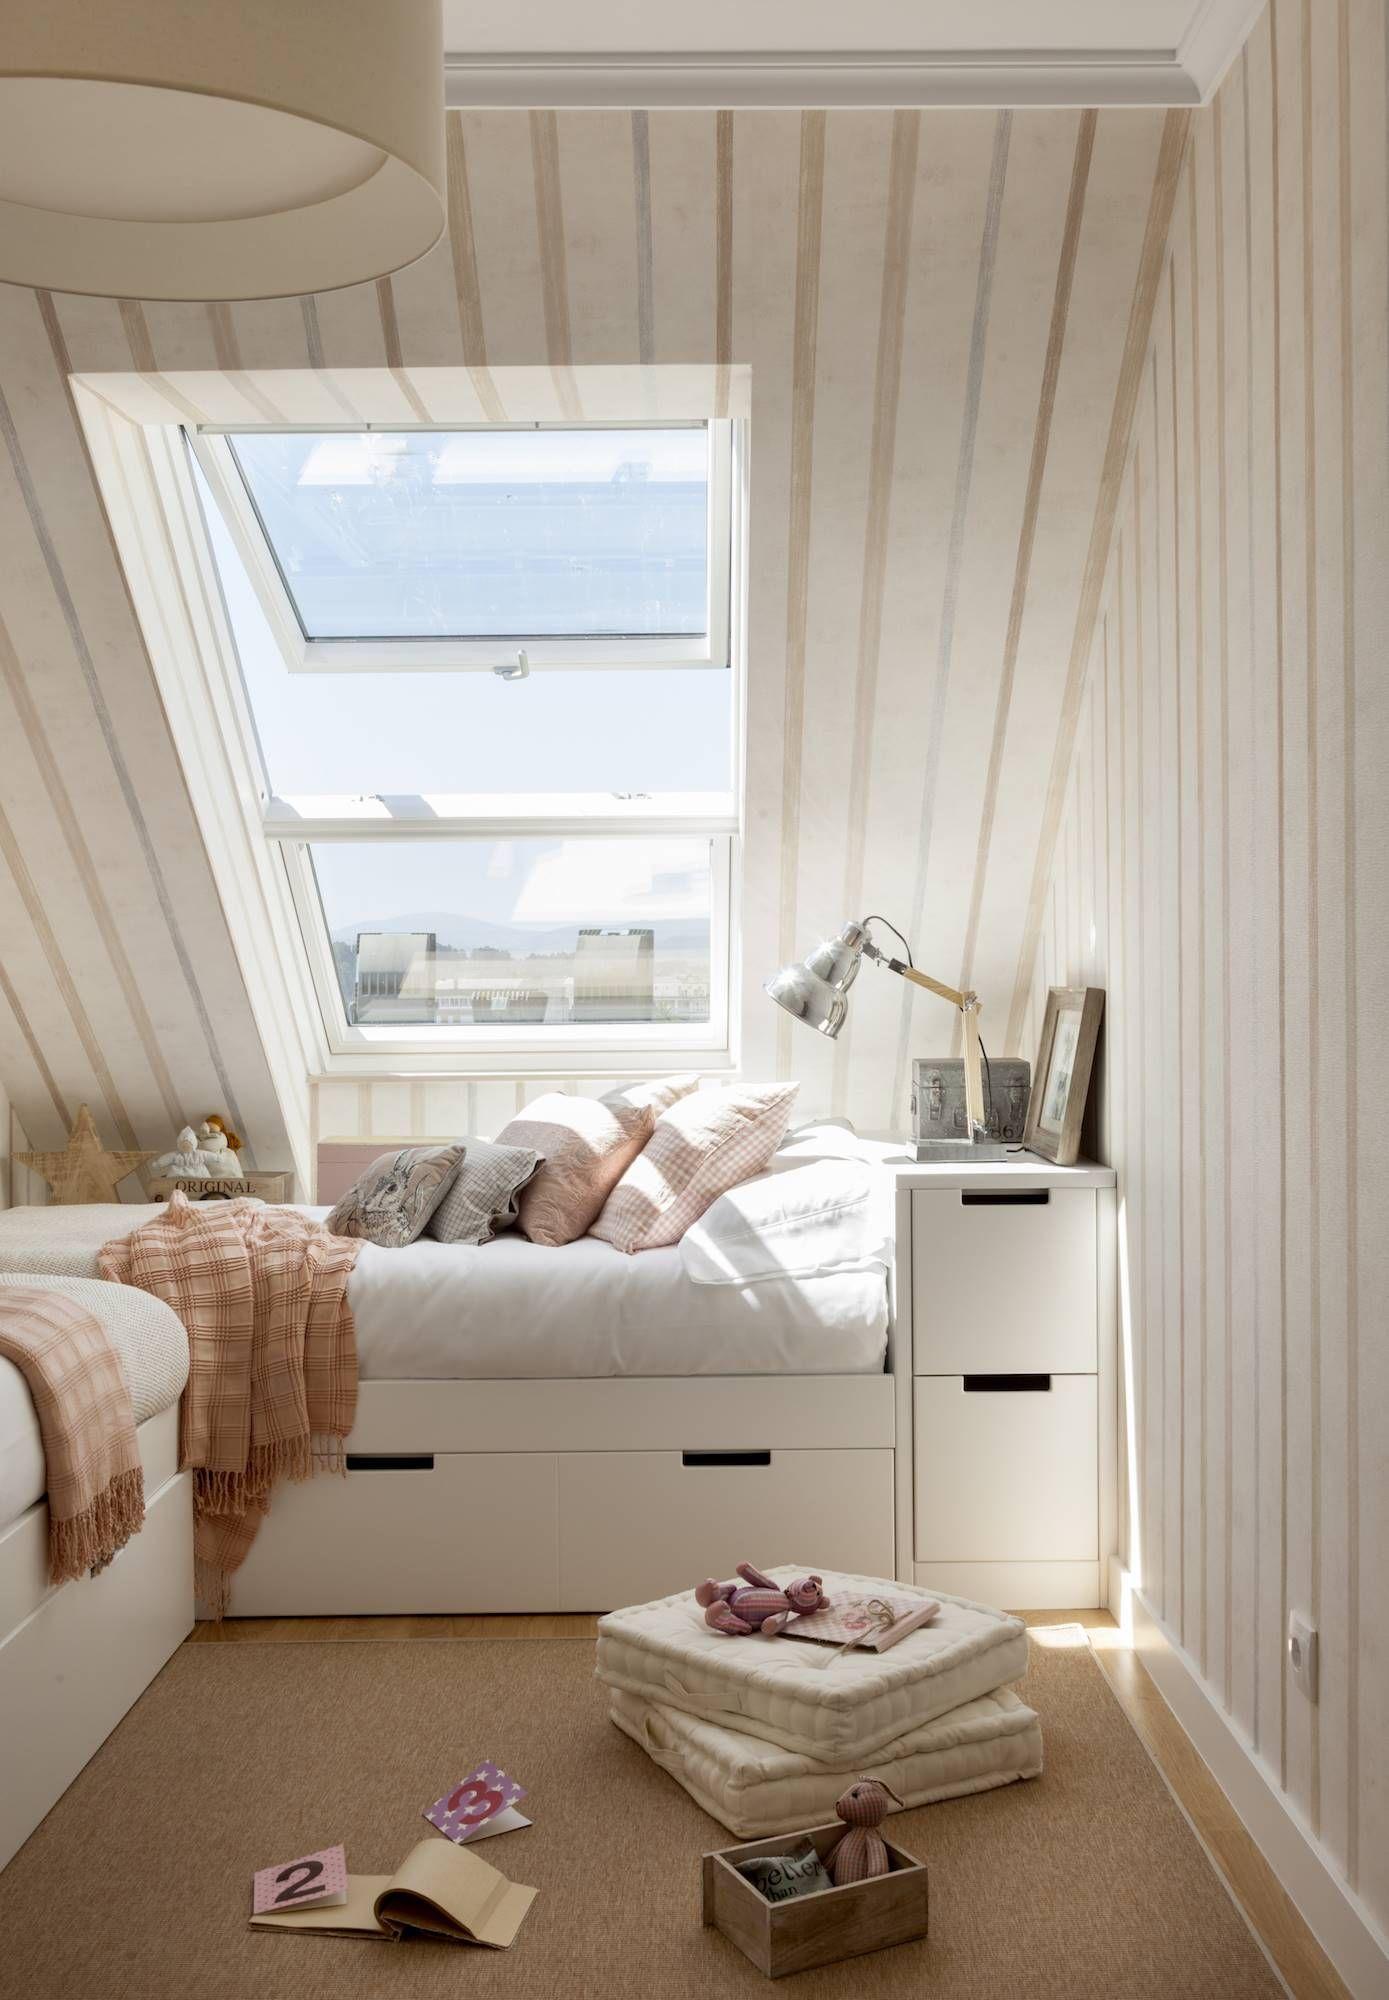 Decorar con papel pintado in 2019 dormitorios juveniles - Dormitorios con papel pintado ...